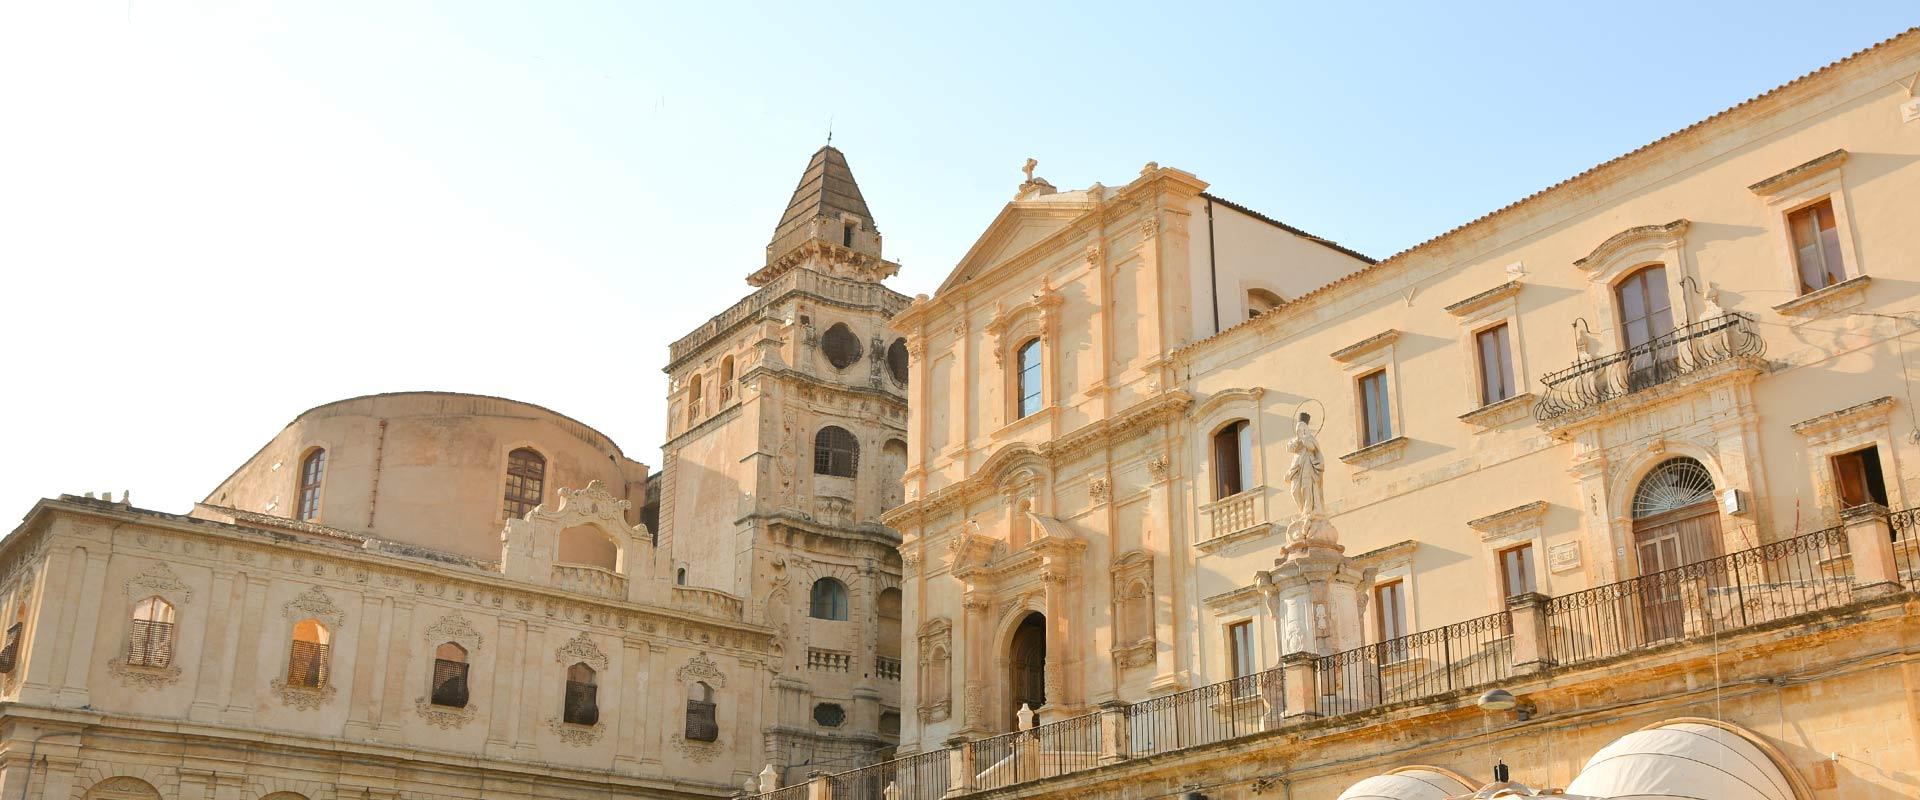 Noto – perła sycylijskiego baroku